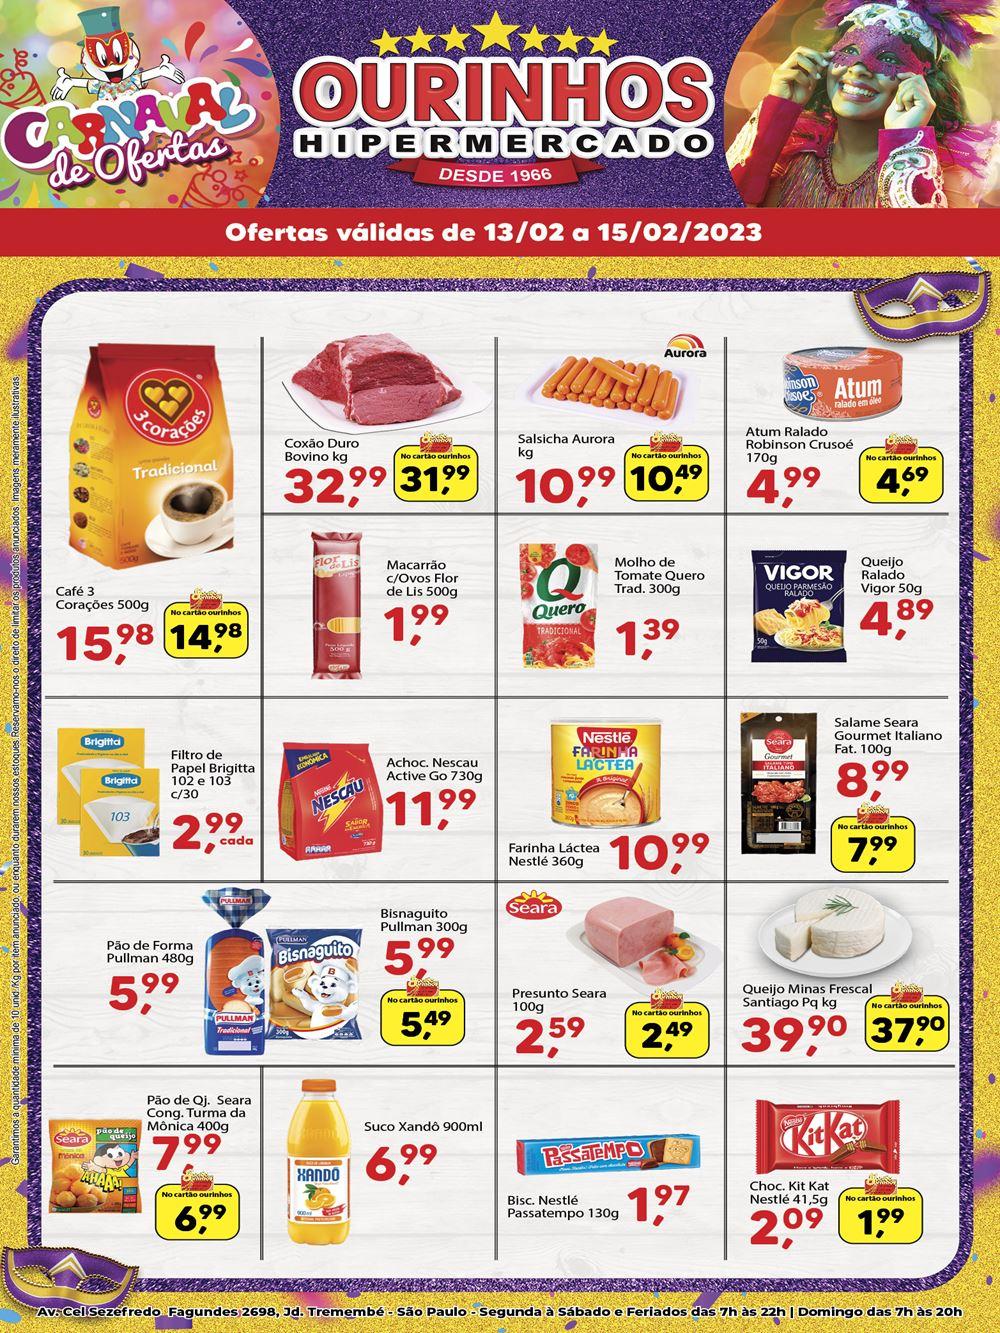 ourinhos-ofertas-descontos-hoje1-34 Ofertas de supermercados